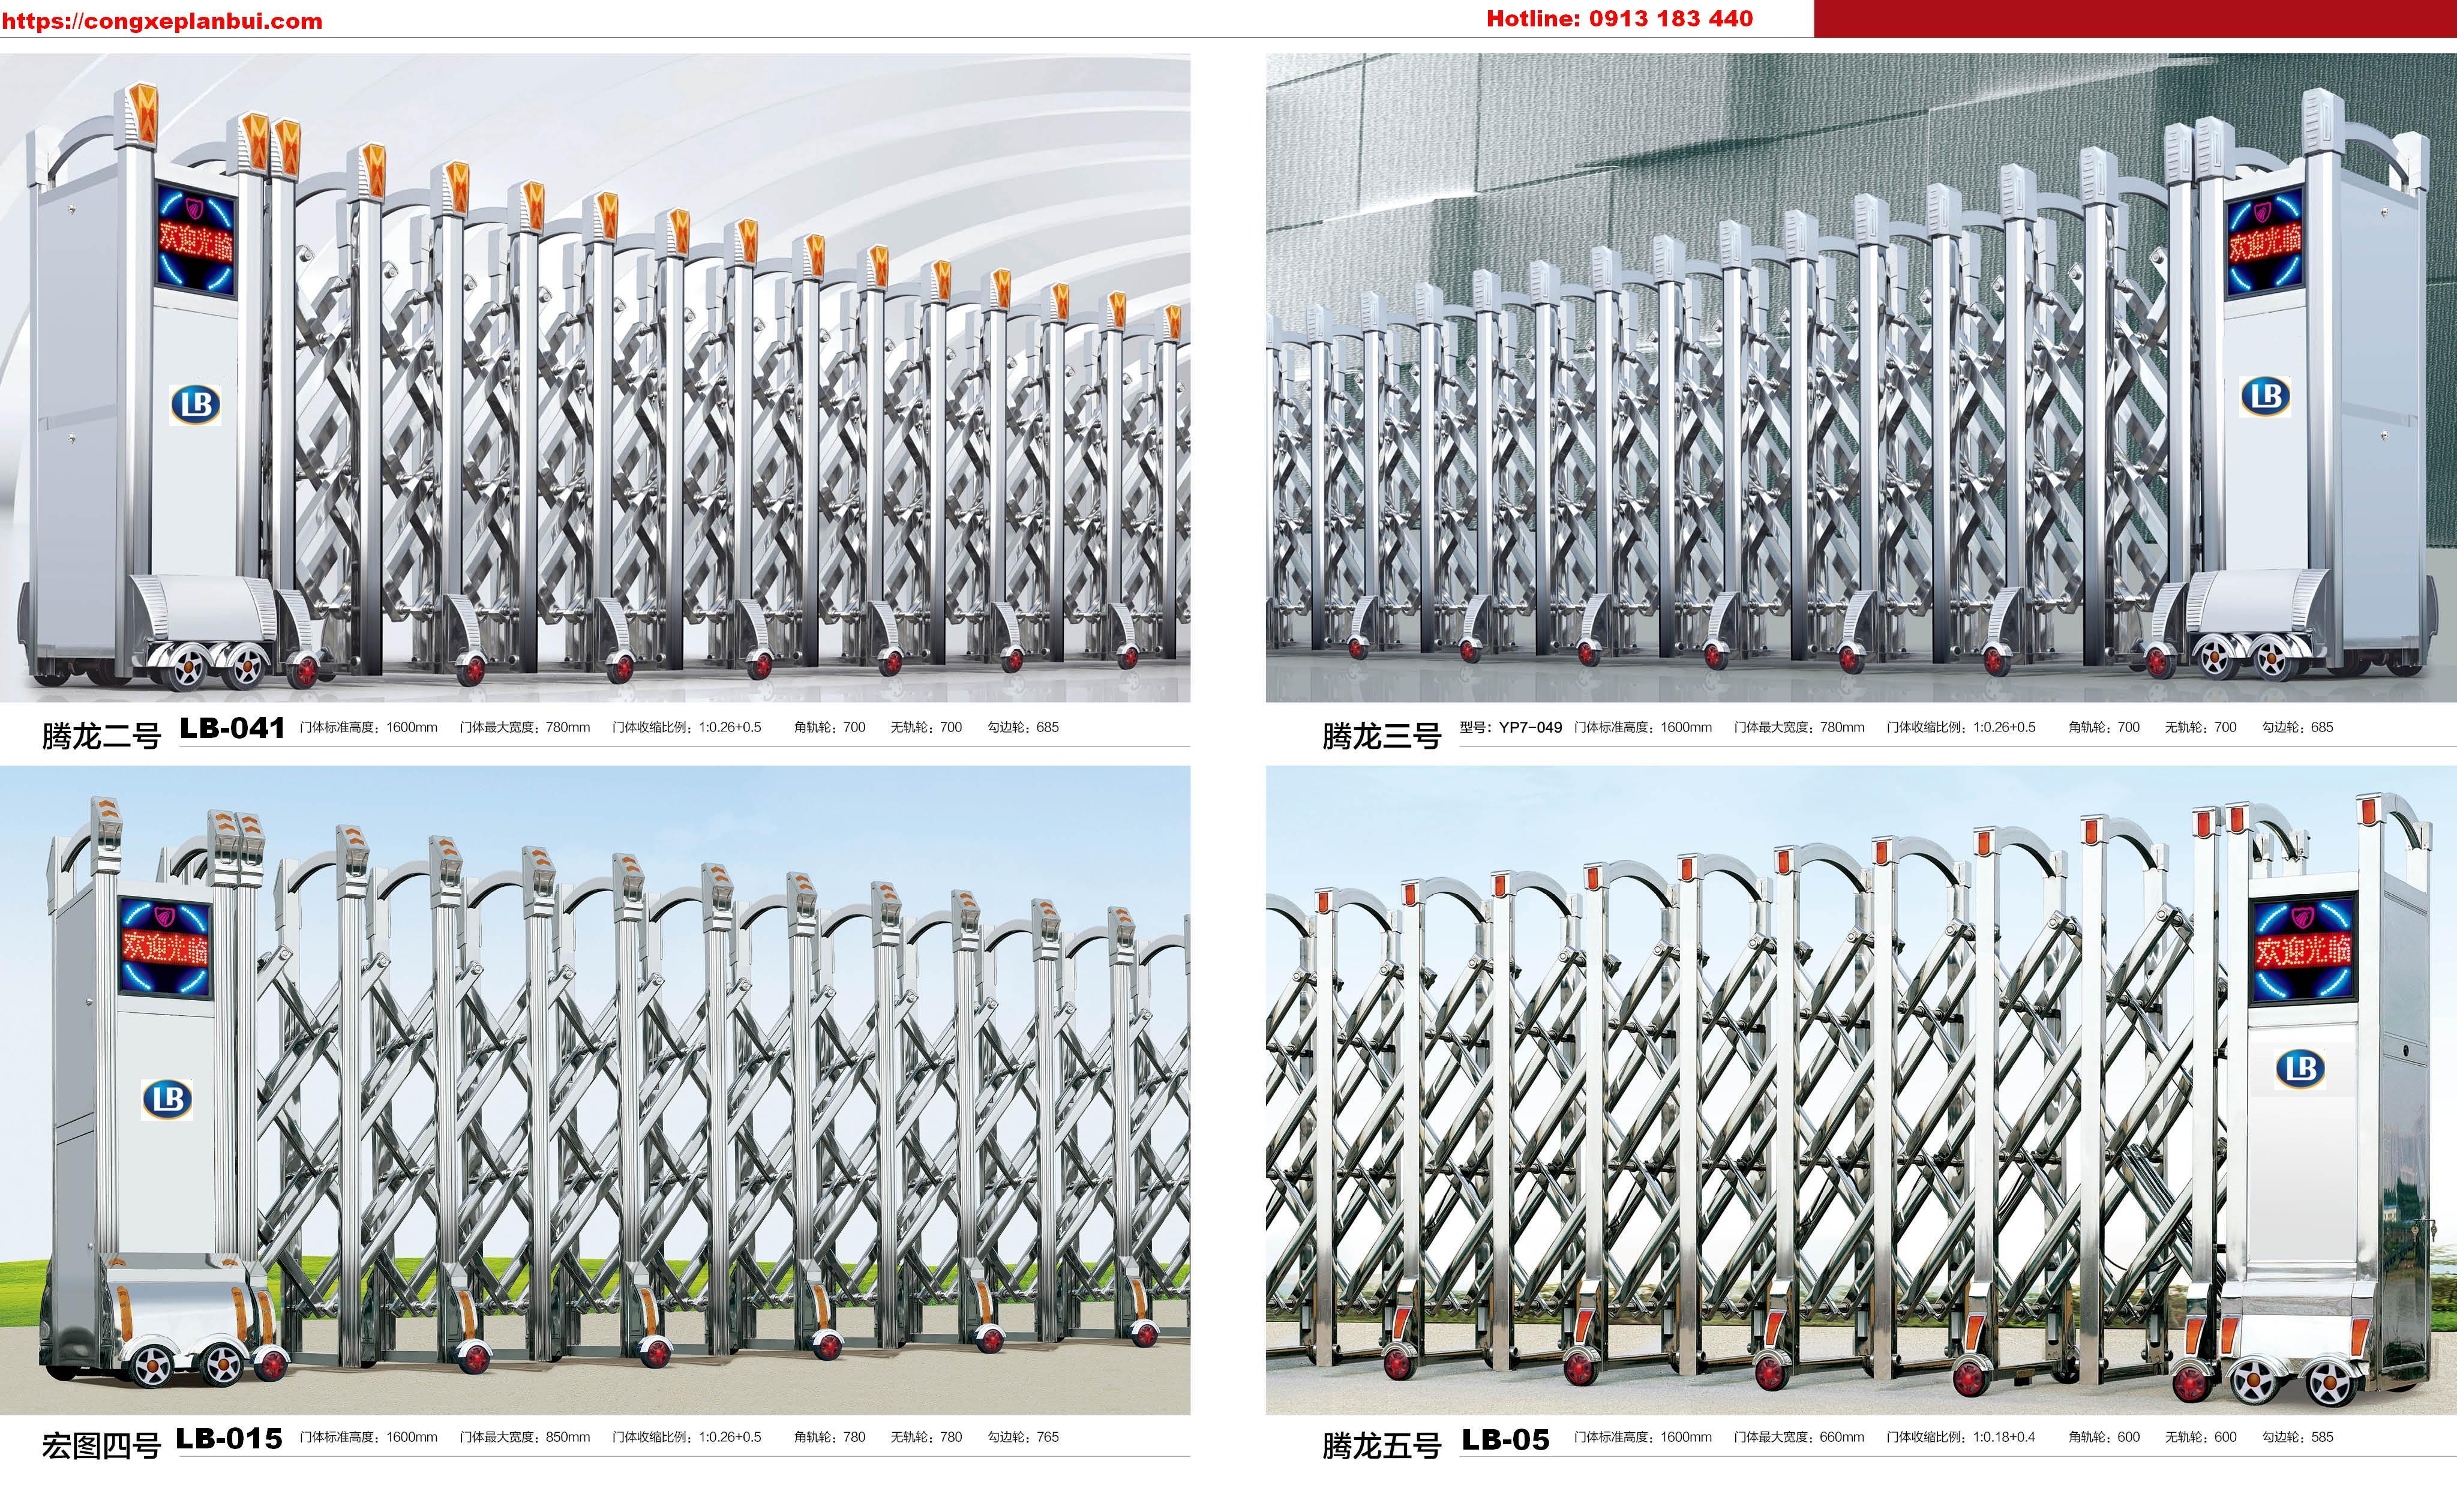 Cổng xếp inox LB181 nhập khẩu-  Bình thuận- 0913183440